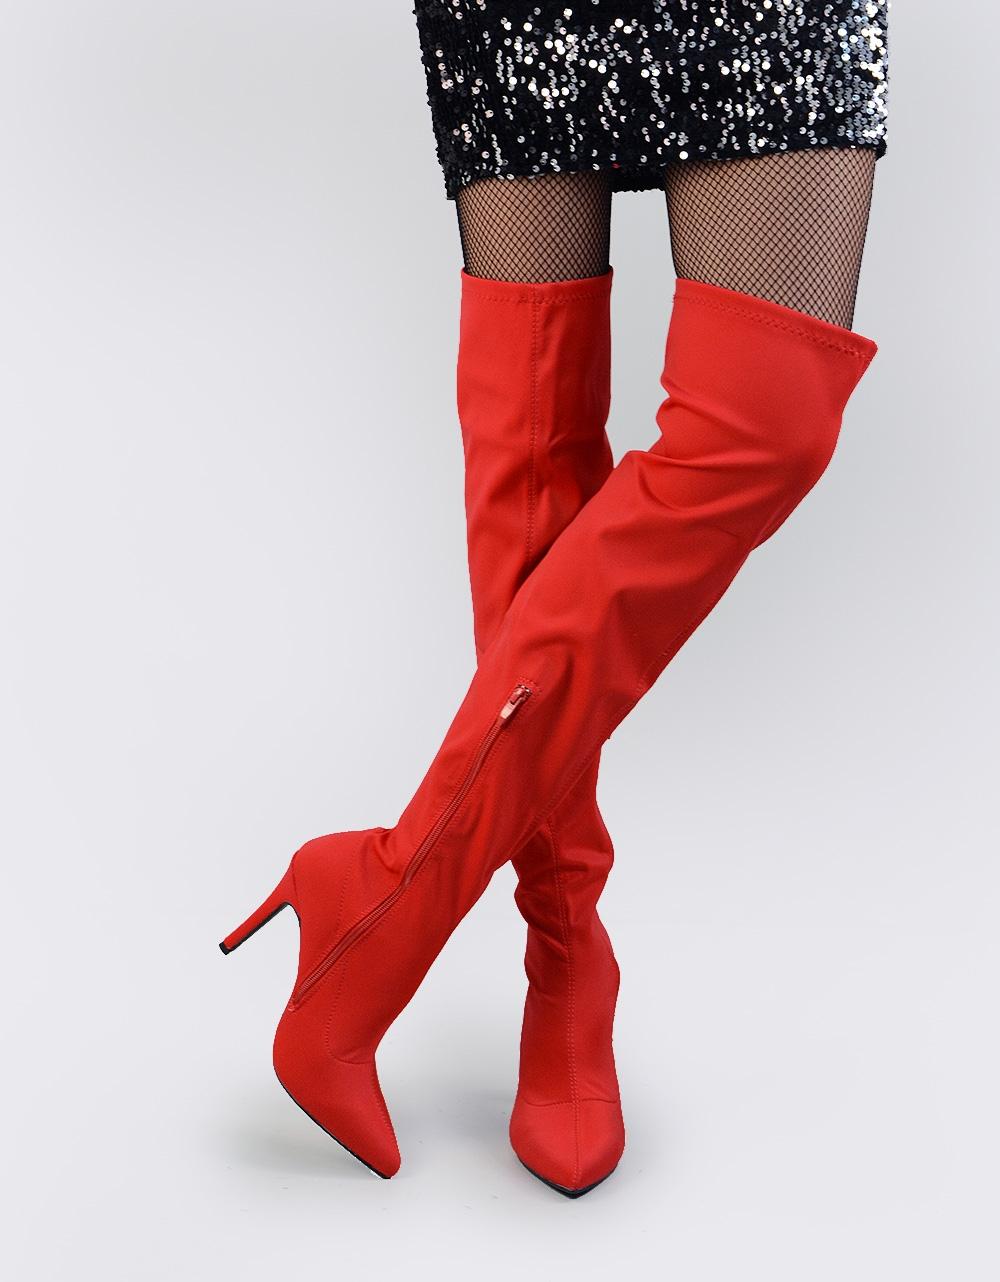 6f643d38462 Inshoes.gr. Γυναικείες μπότες τύπου κάλτσα | Inshoes.gr Κόκκινο